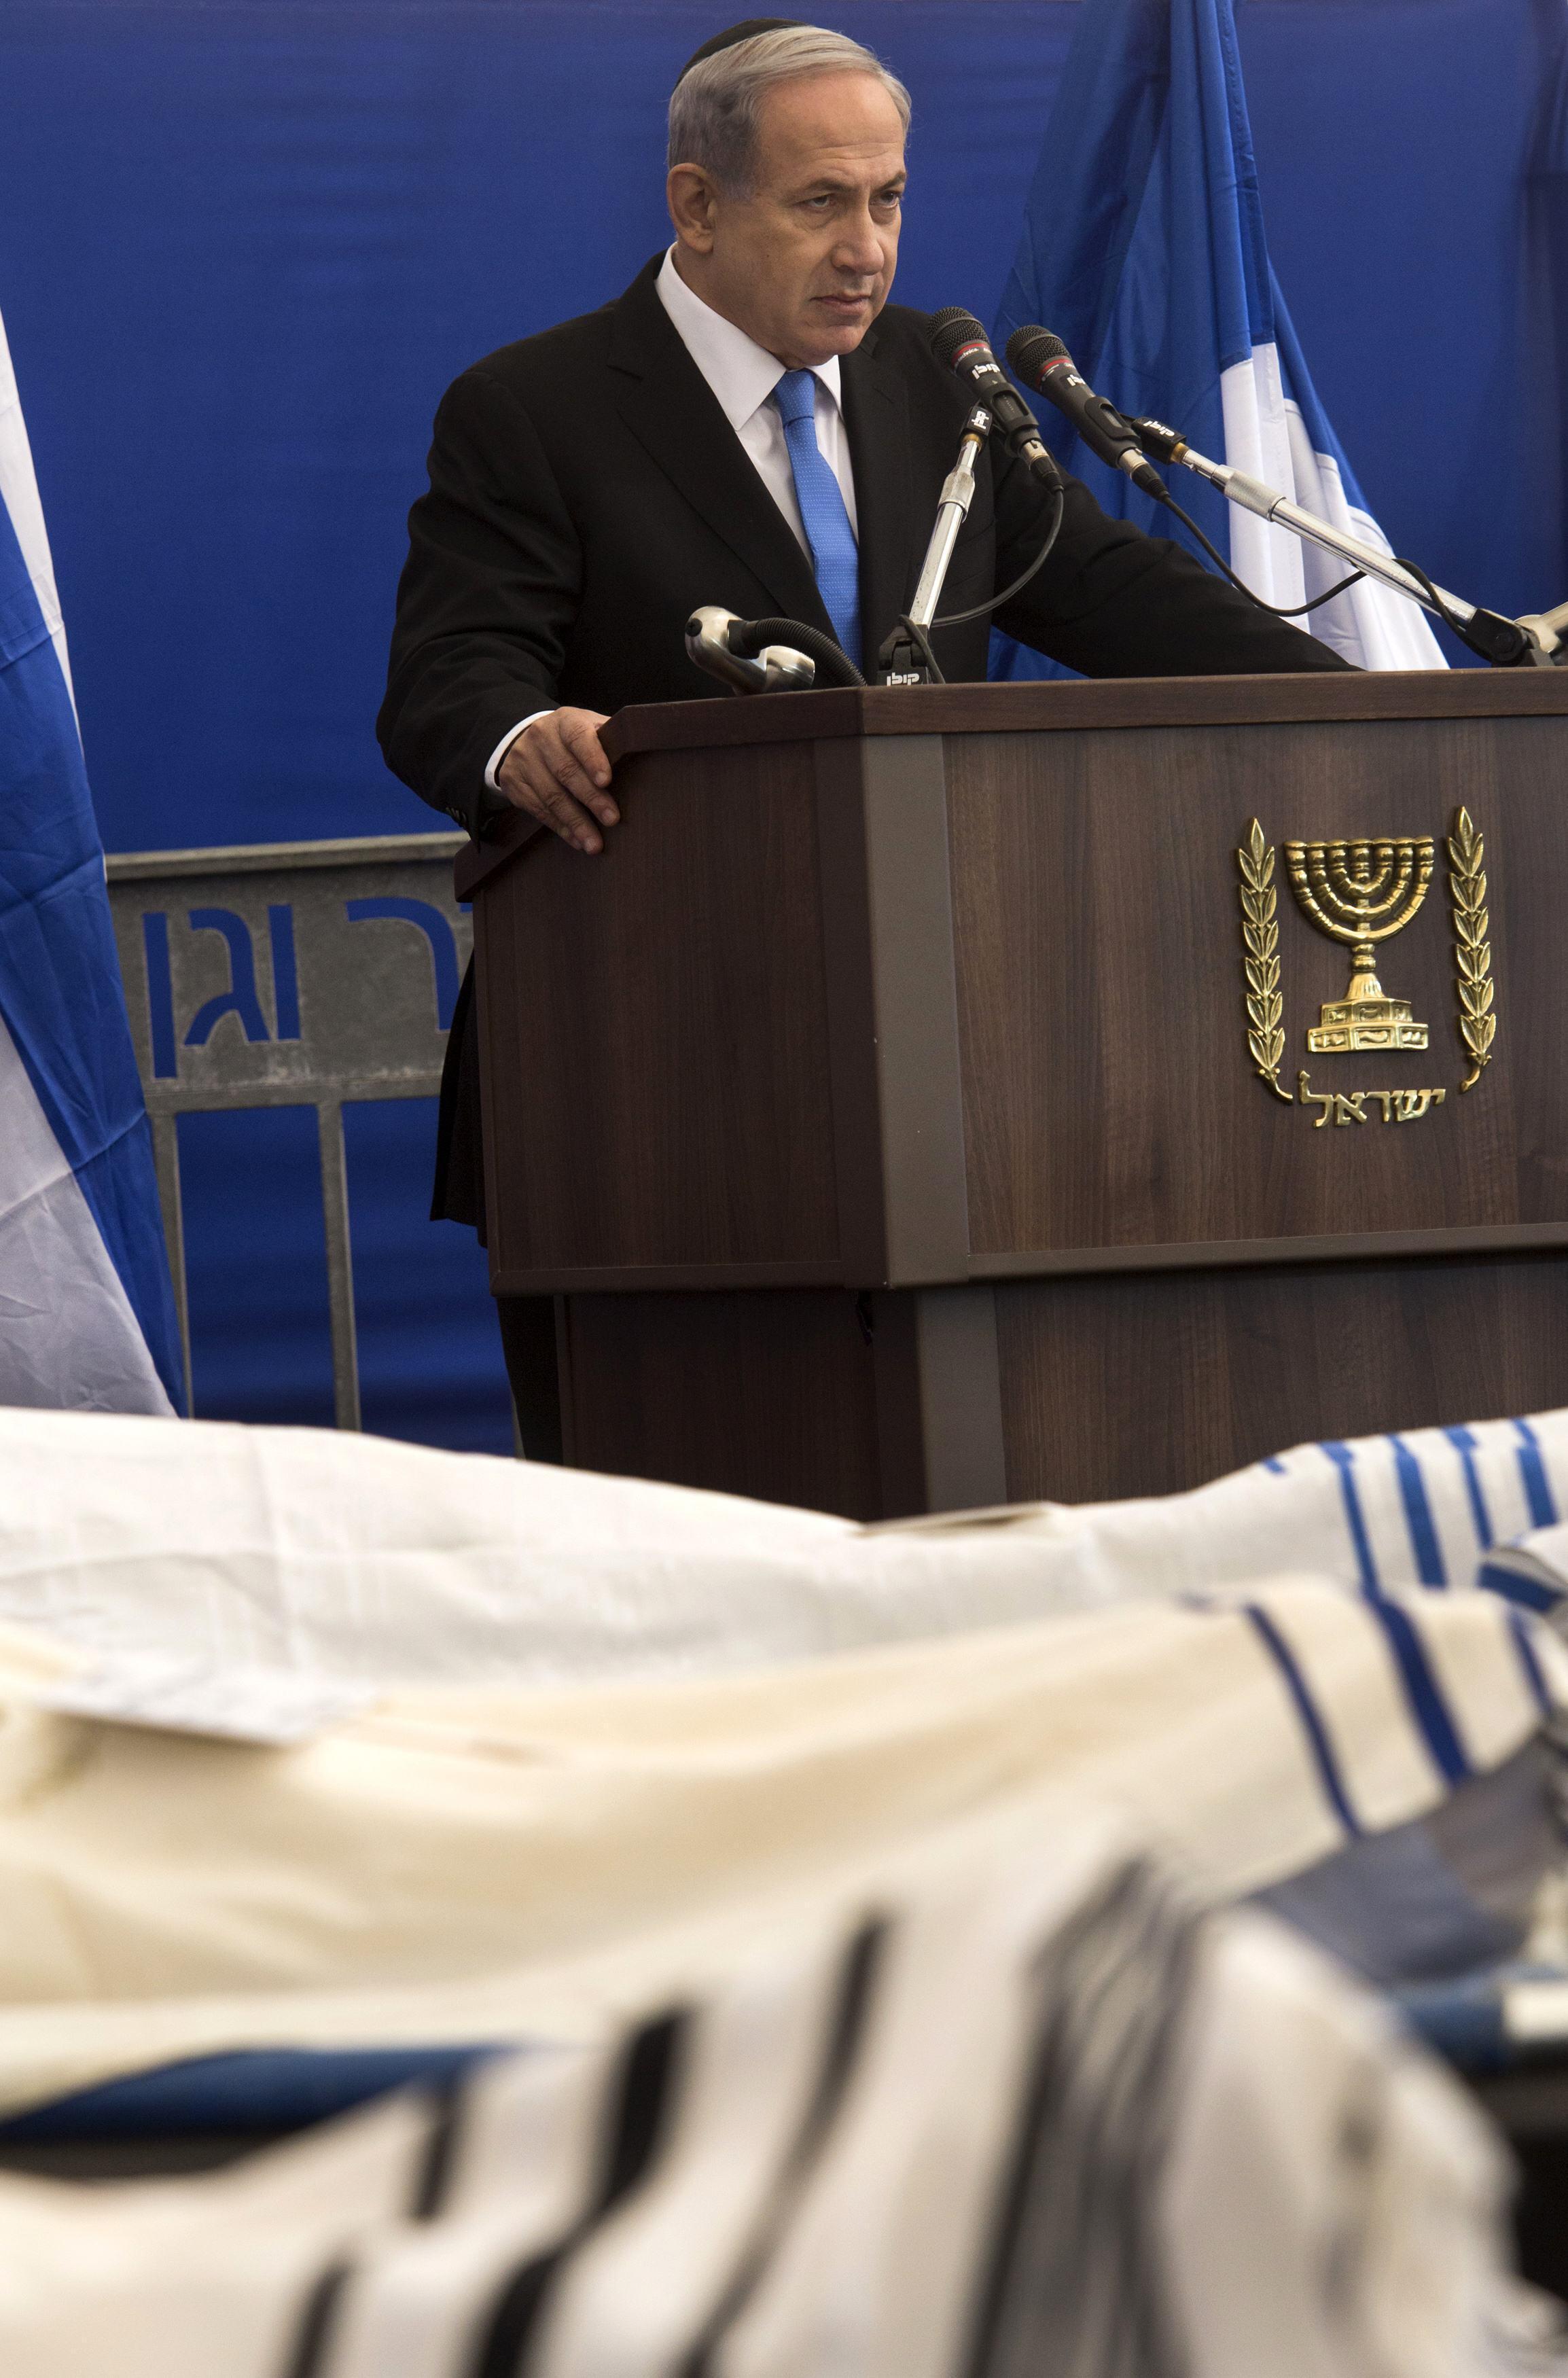 سخنرانی بنیامین نتانیاهو، نخست وزیر اسرائیل، در مراسم خاکسپاری جسد ٤ یهودی فرانسوی که در سوءقصد تروریستی در پاریس کشته شدند. اورشلیم ٢٣ دیماه/ ١٣ ژانویه ٢٠١۵ .